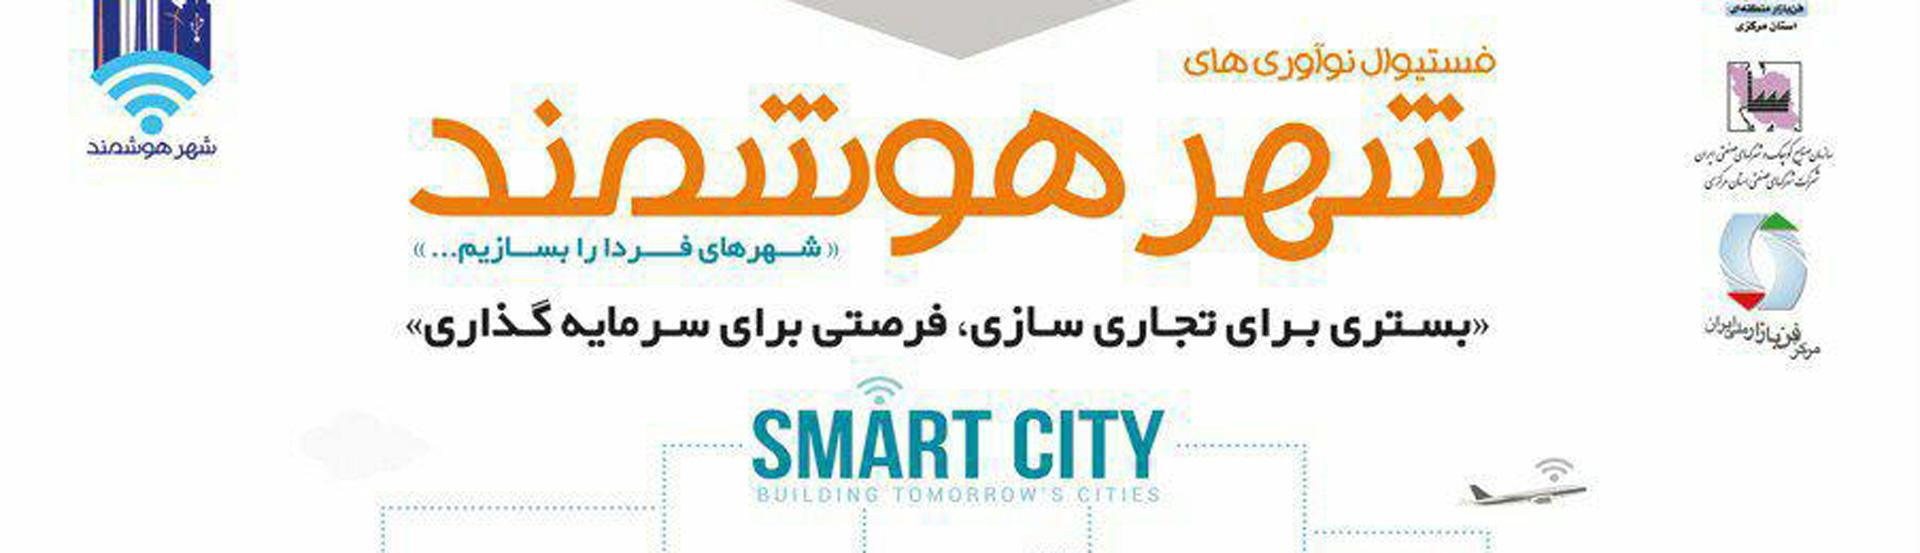 فستیوال نوآوری های شهر هوشمند